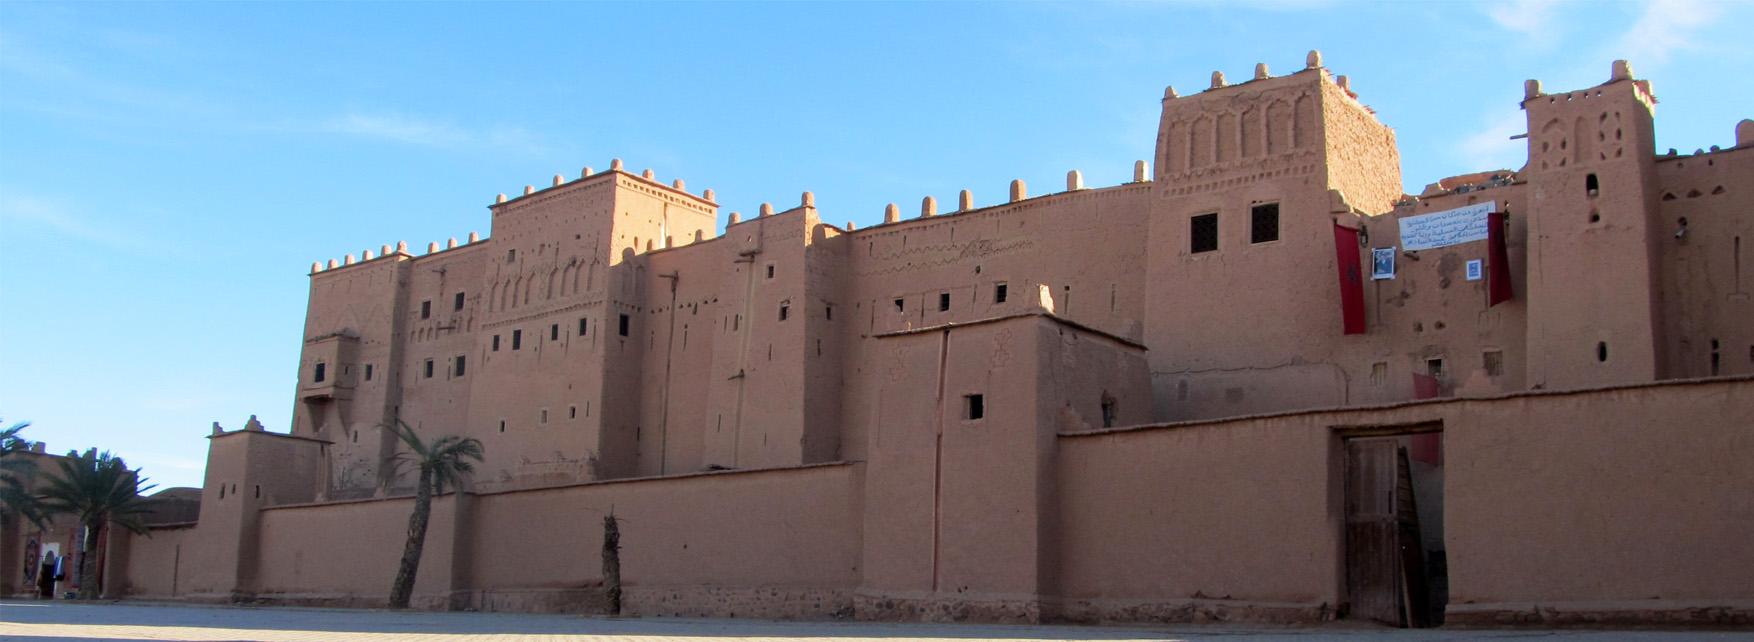 23 maroko ouarzazate kazba